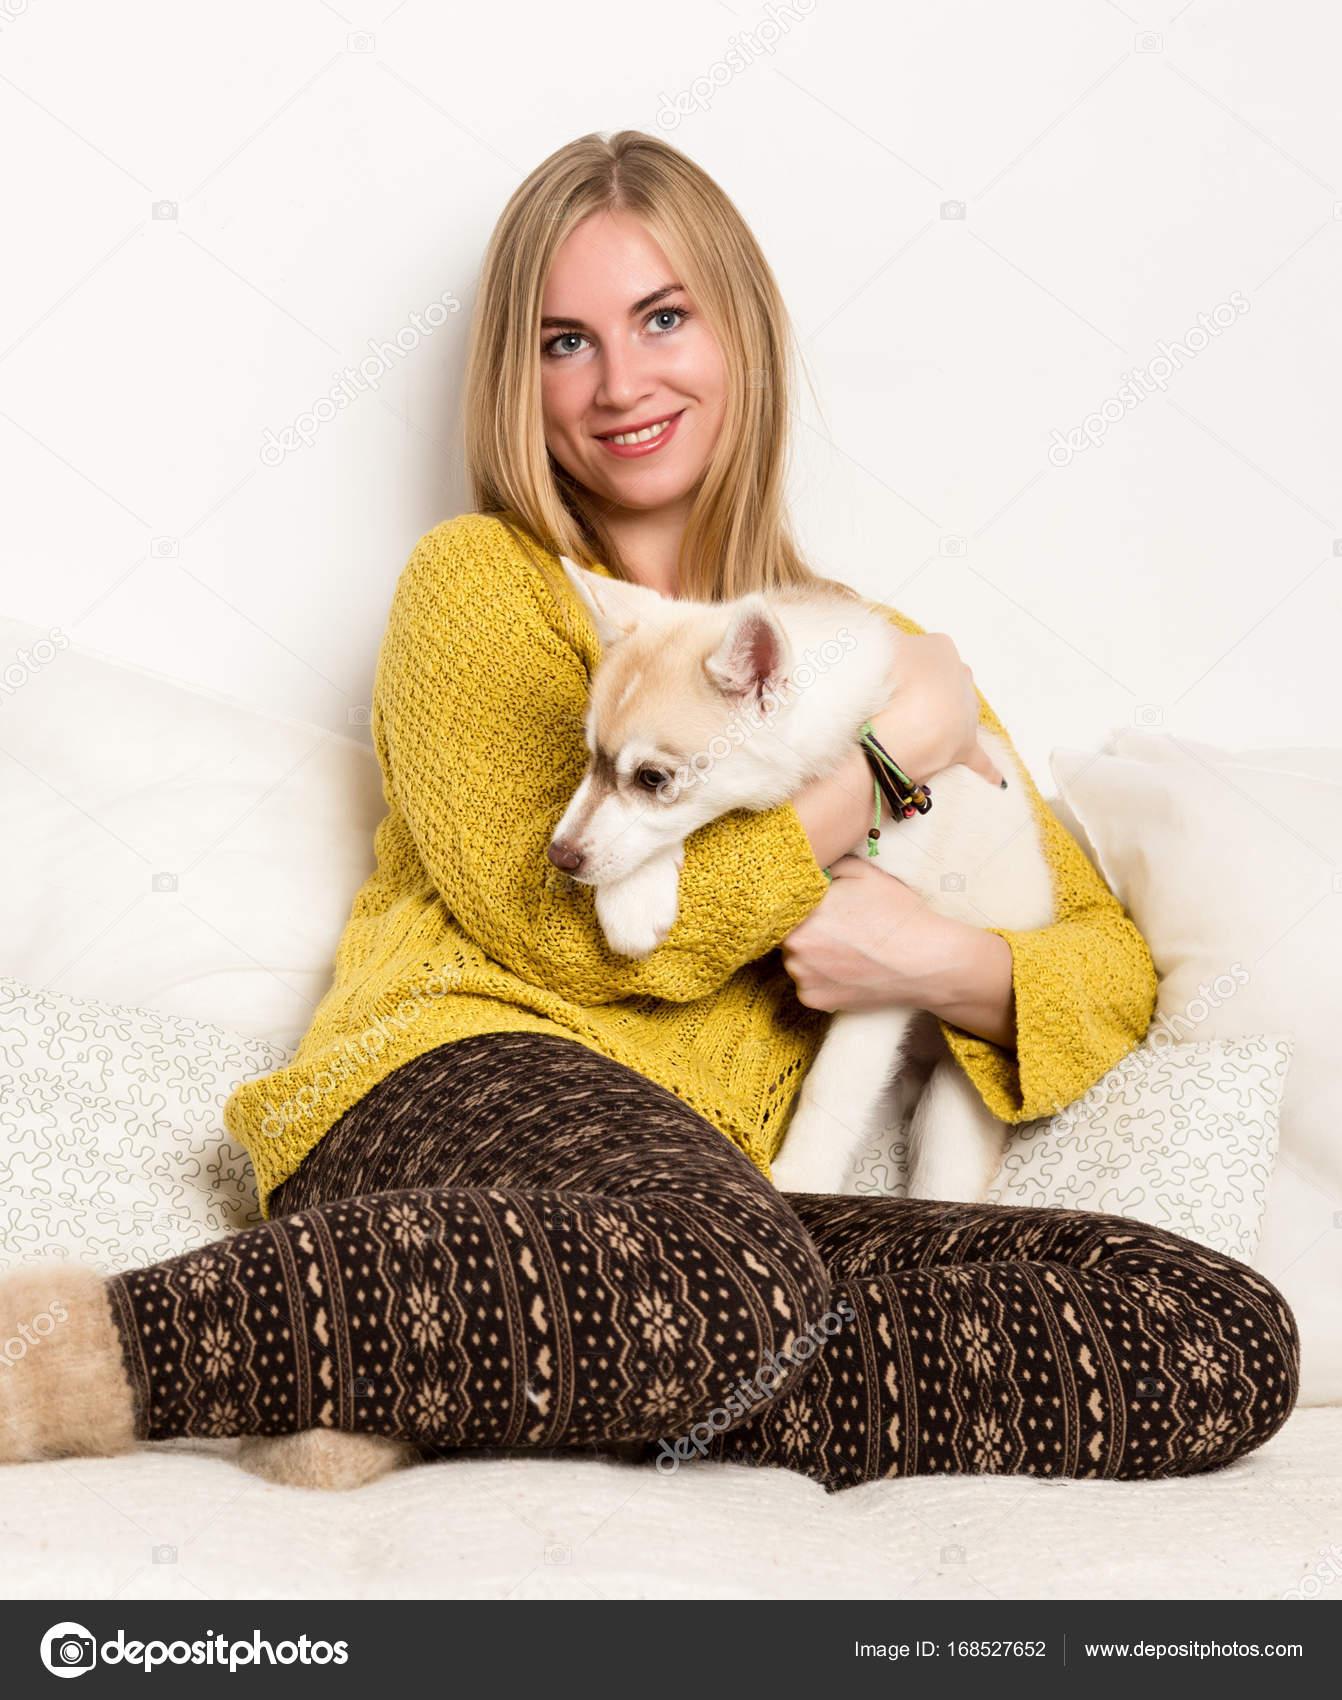 Блондинки в пижаме фото, фото ебли анал вагинал орал